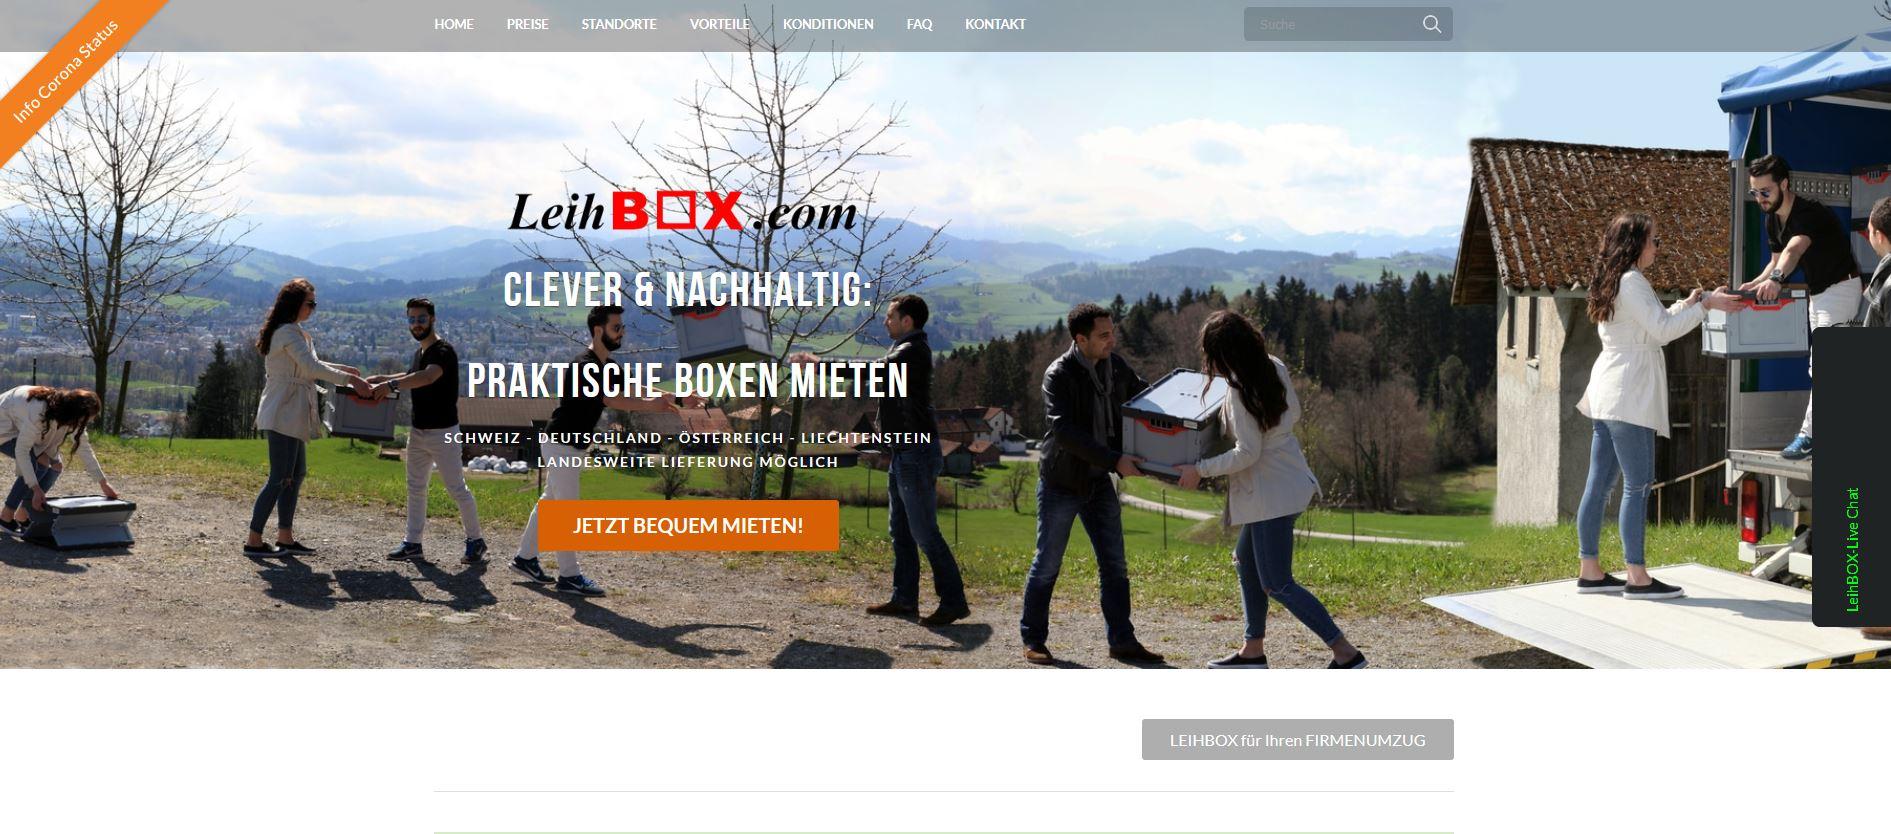 Leihbox - Startups rund um den Bodensee